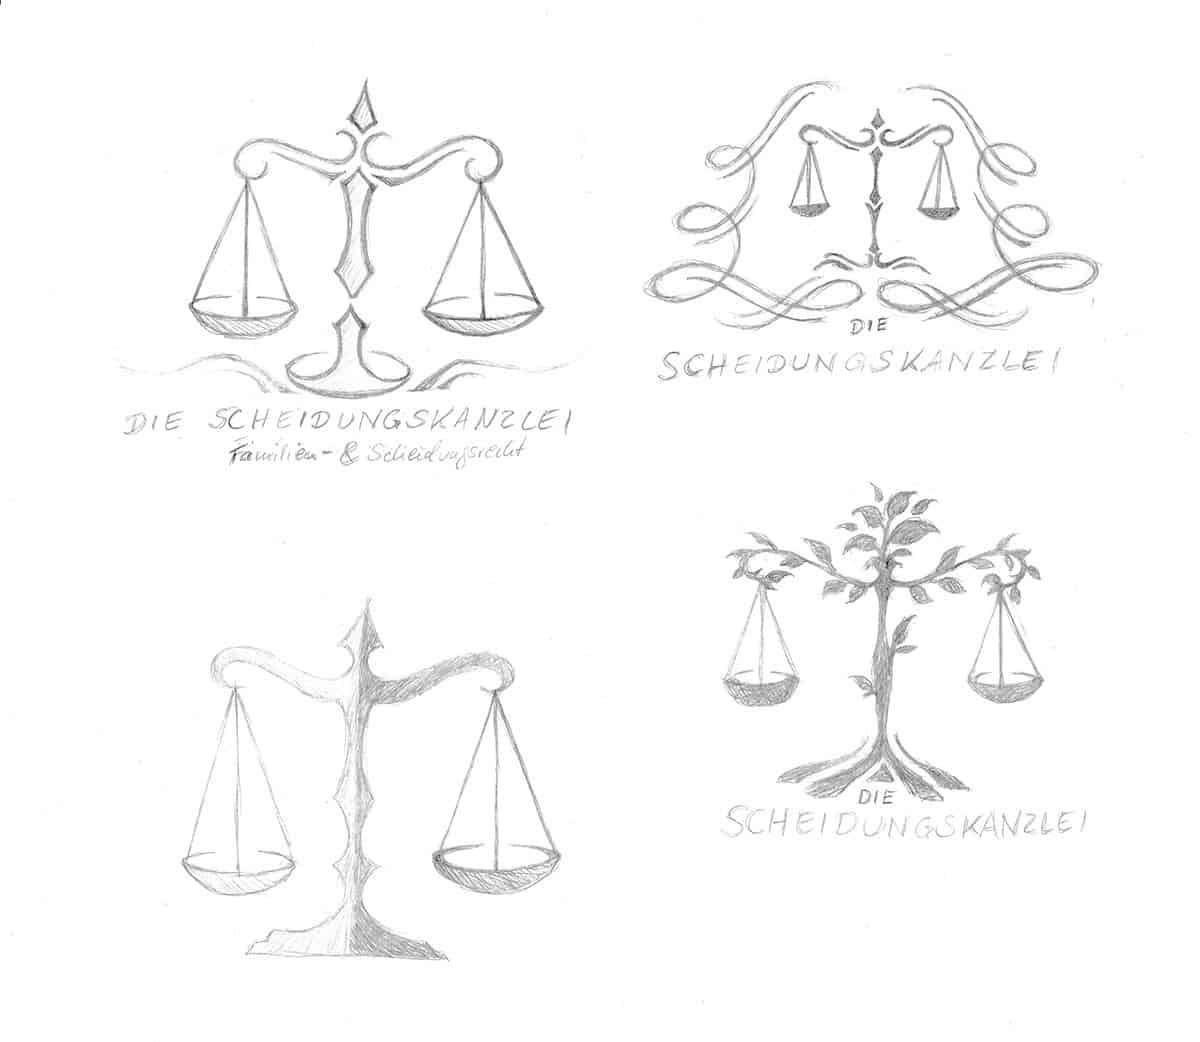 Logo Skizzen für Aljona Fink und die Scheidungskanzlei - Logo Design aus Eckernförde - Logo Designer Andrea Baitz